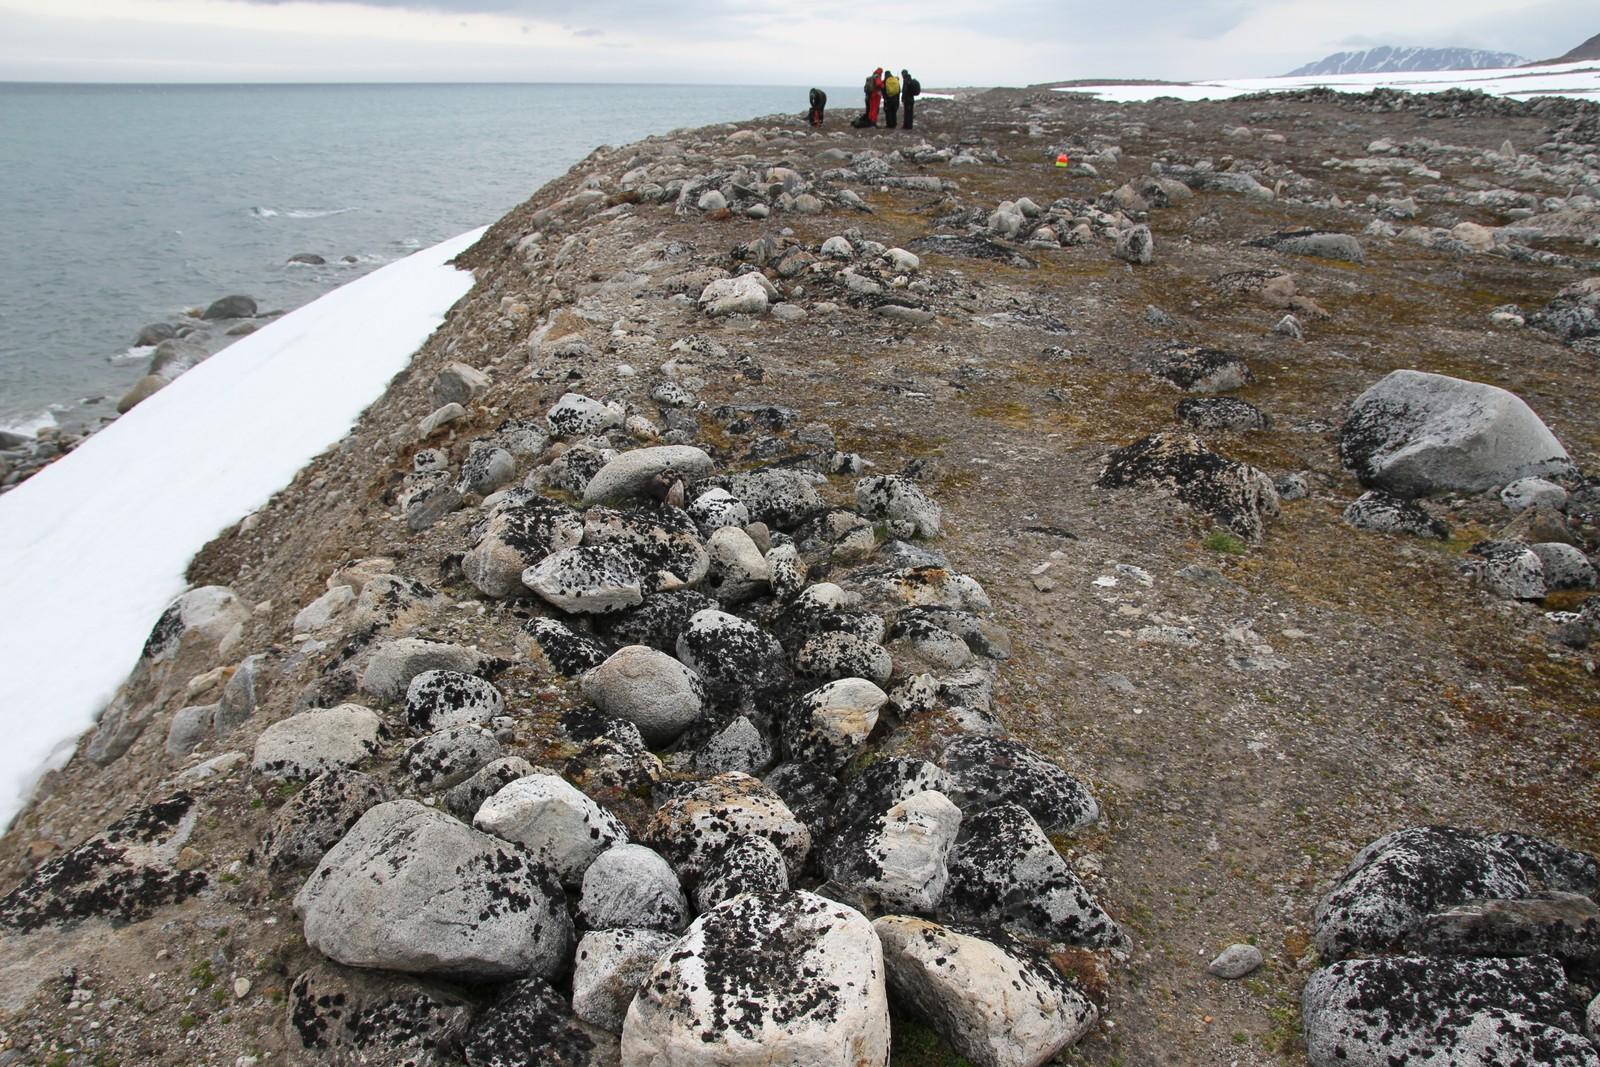 Hvalfangergravene fra 1600-tallet ligger helt ytterst ved vannkanten der jorda var porøs nok til å kunne graves i. Dette bildet er tatt ved Likneset.